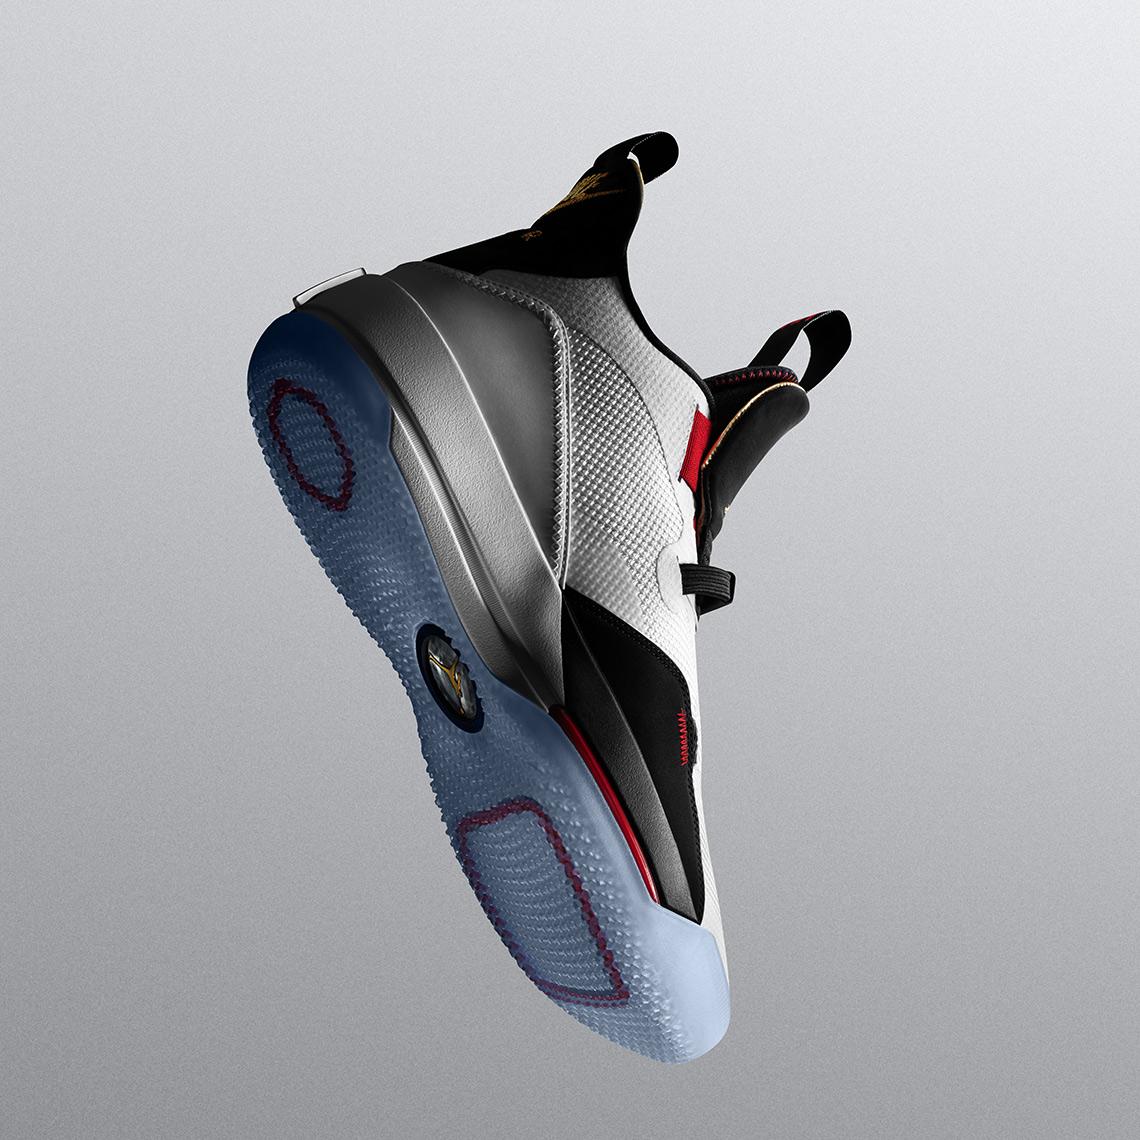 new style 5313c 72f1b Air Jordan 33 Release Date   SneakerNews.com